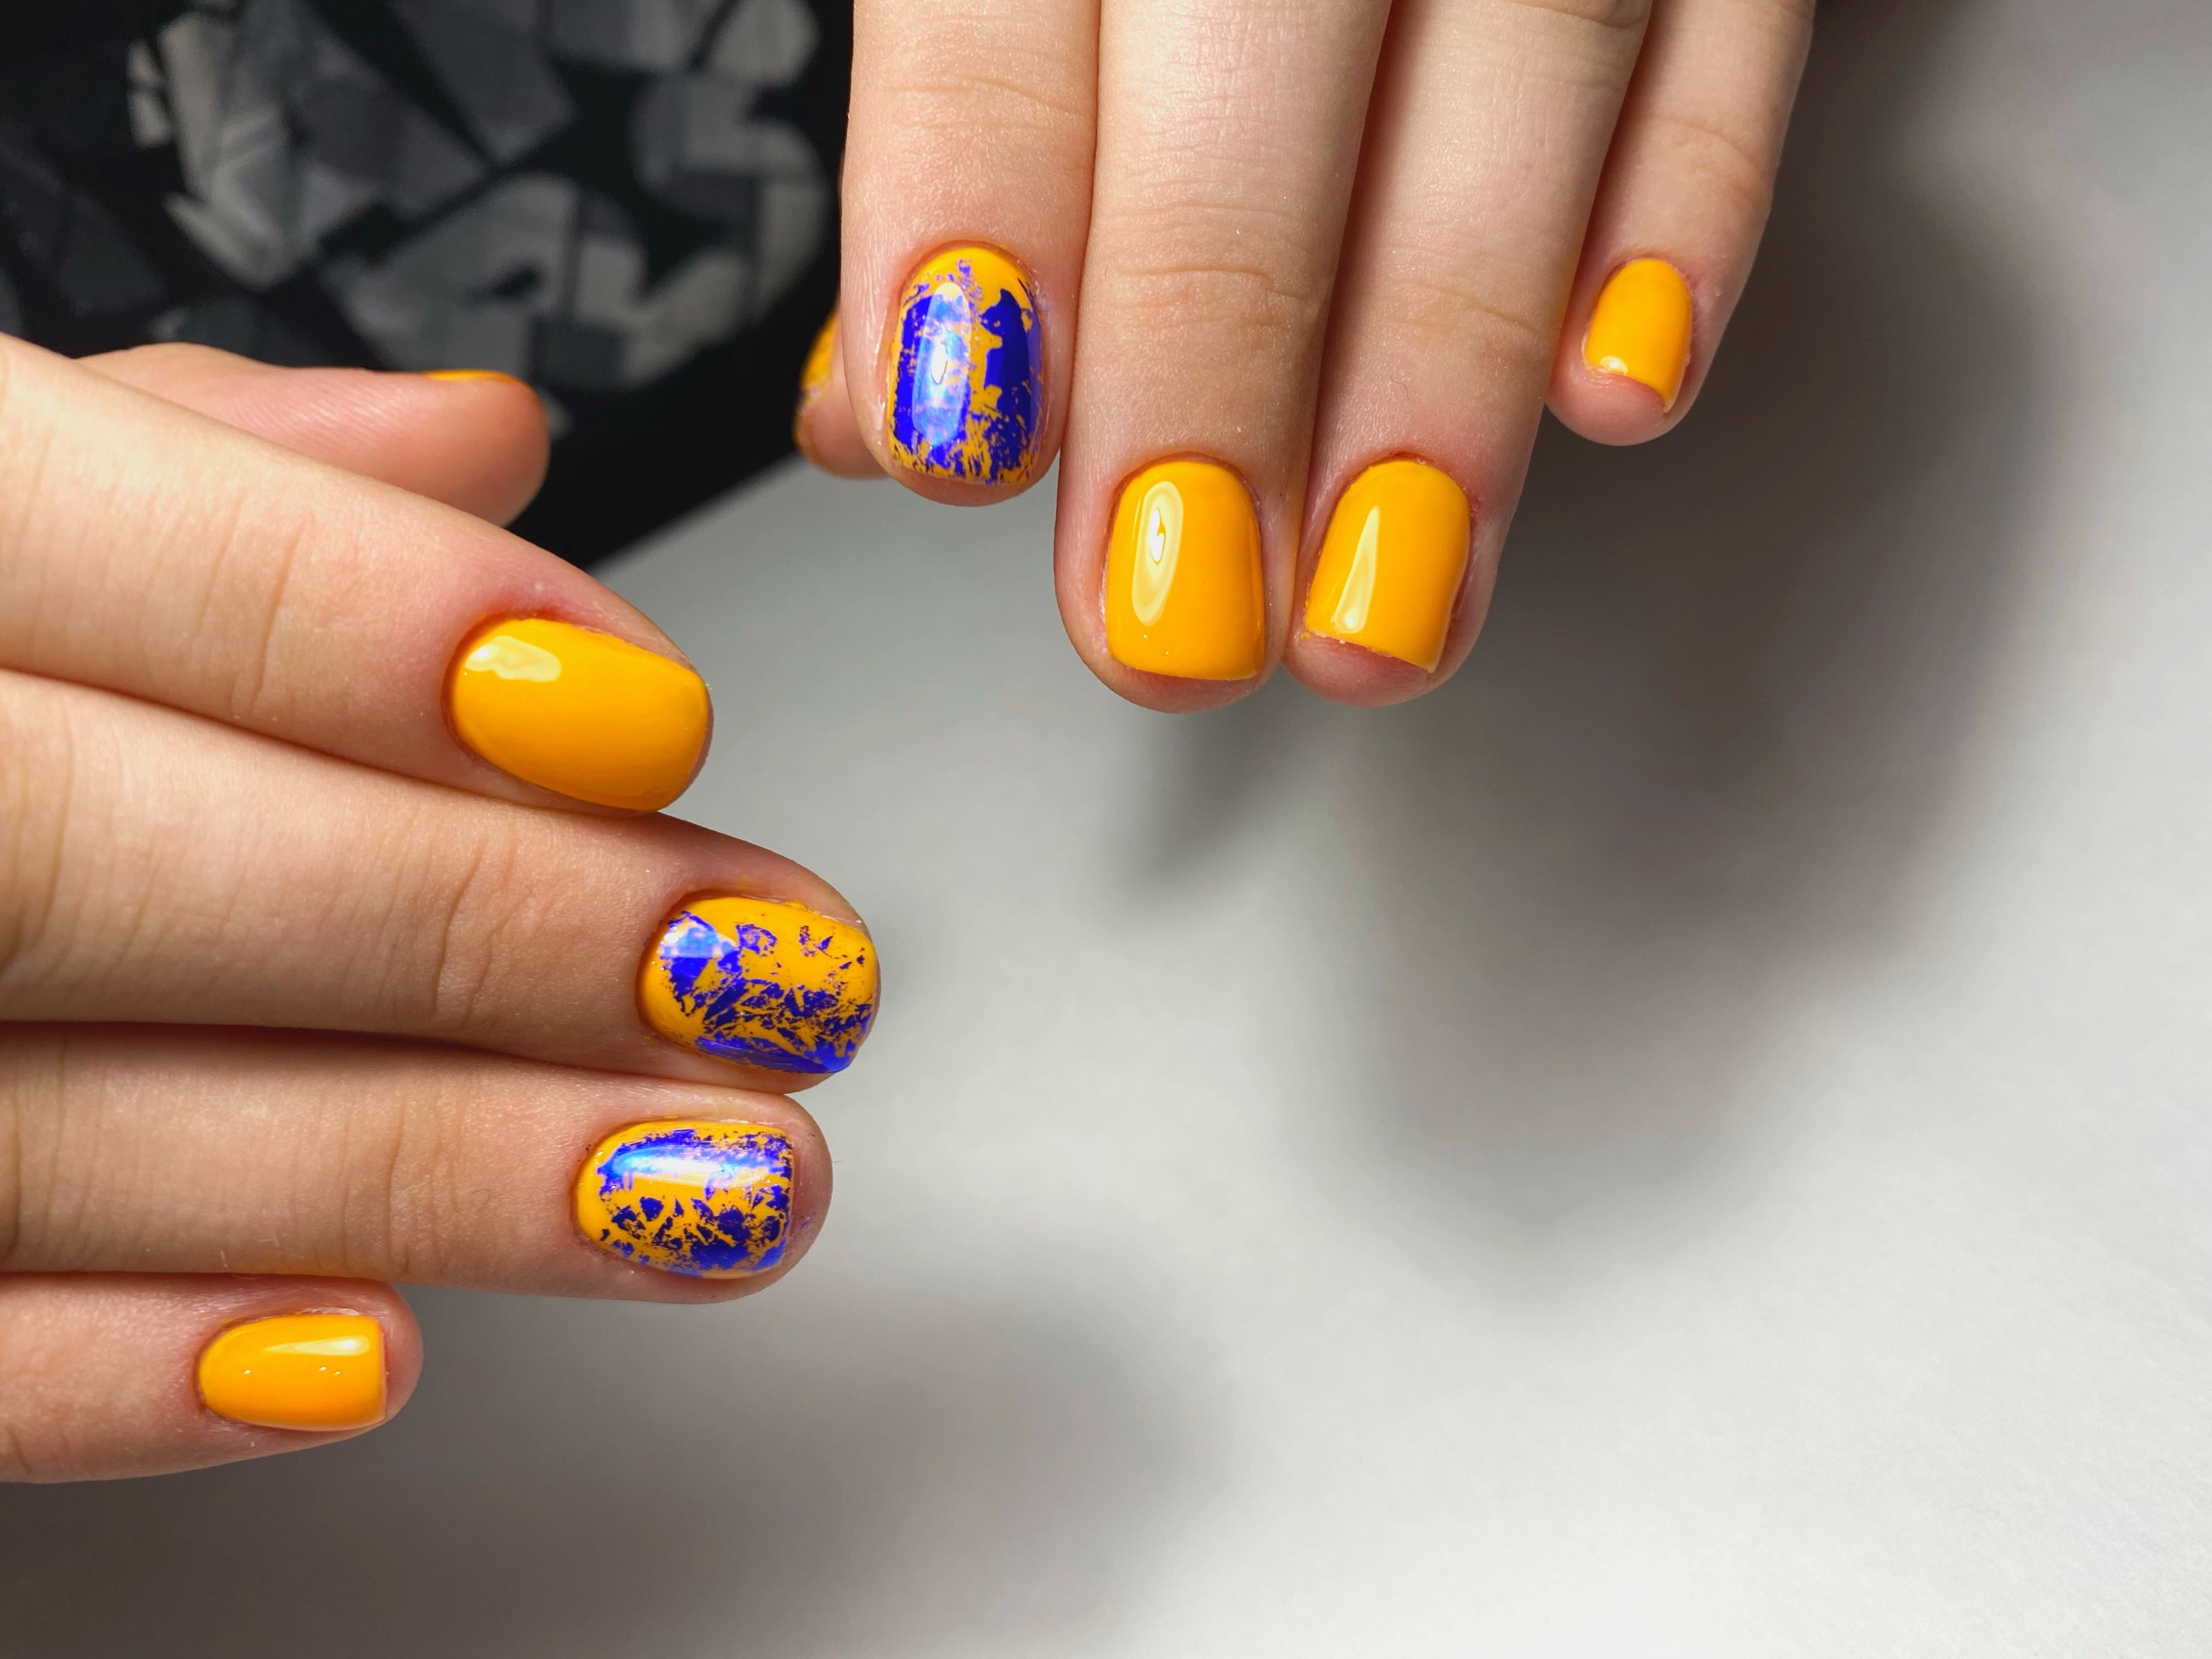 Маникюр с цветной фольгой в оранжевом цвете на короткие ногти.